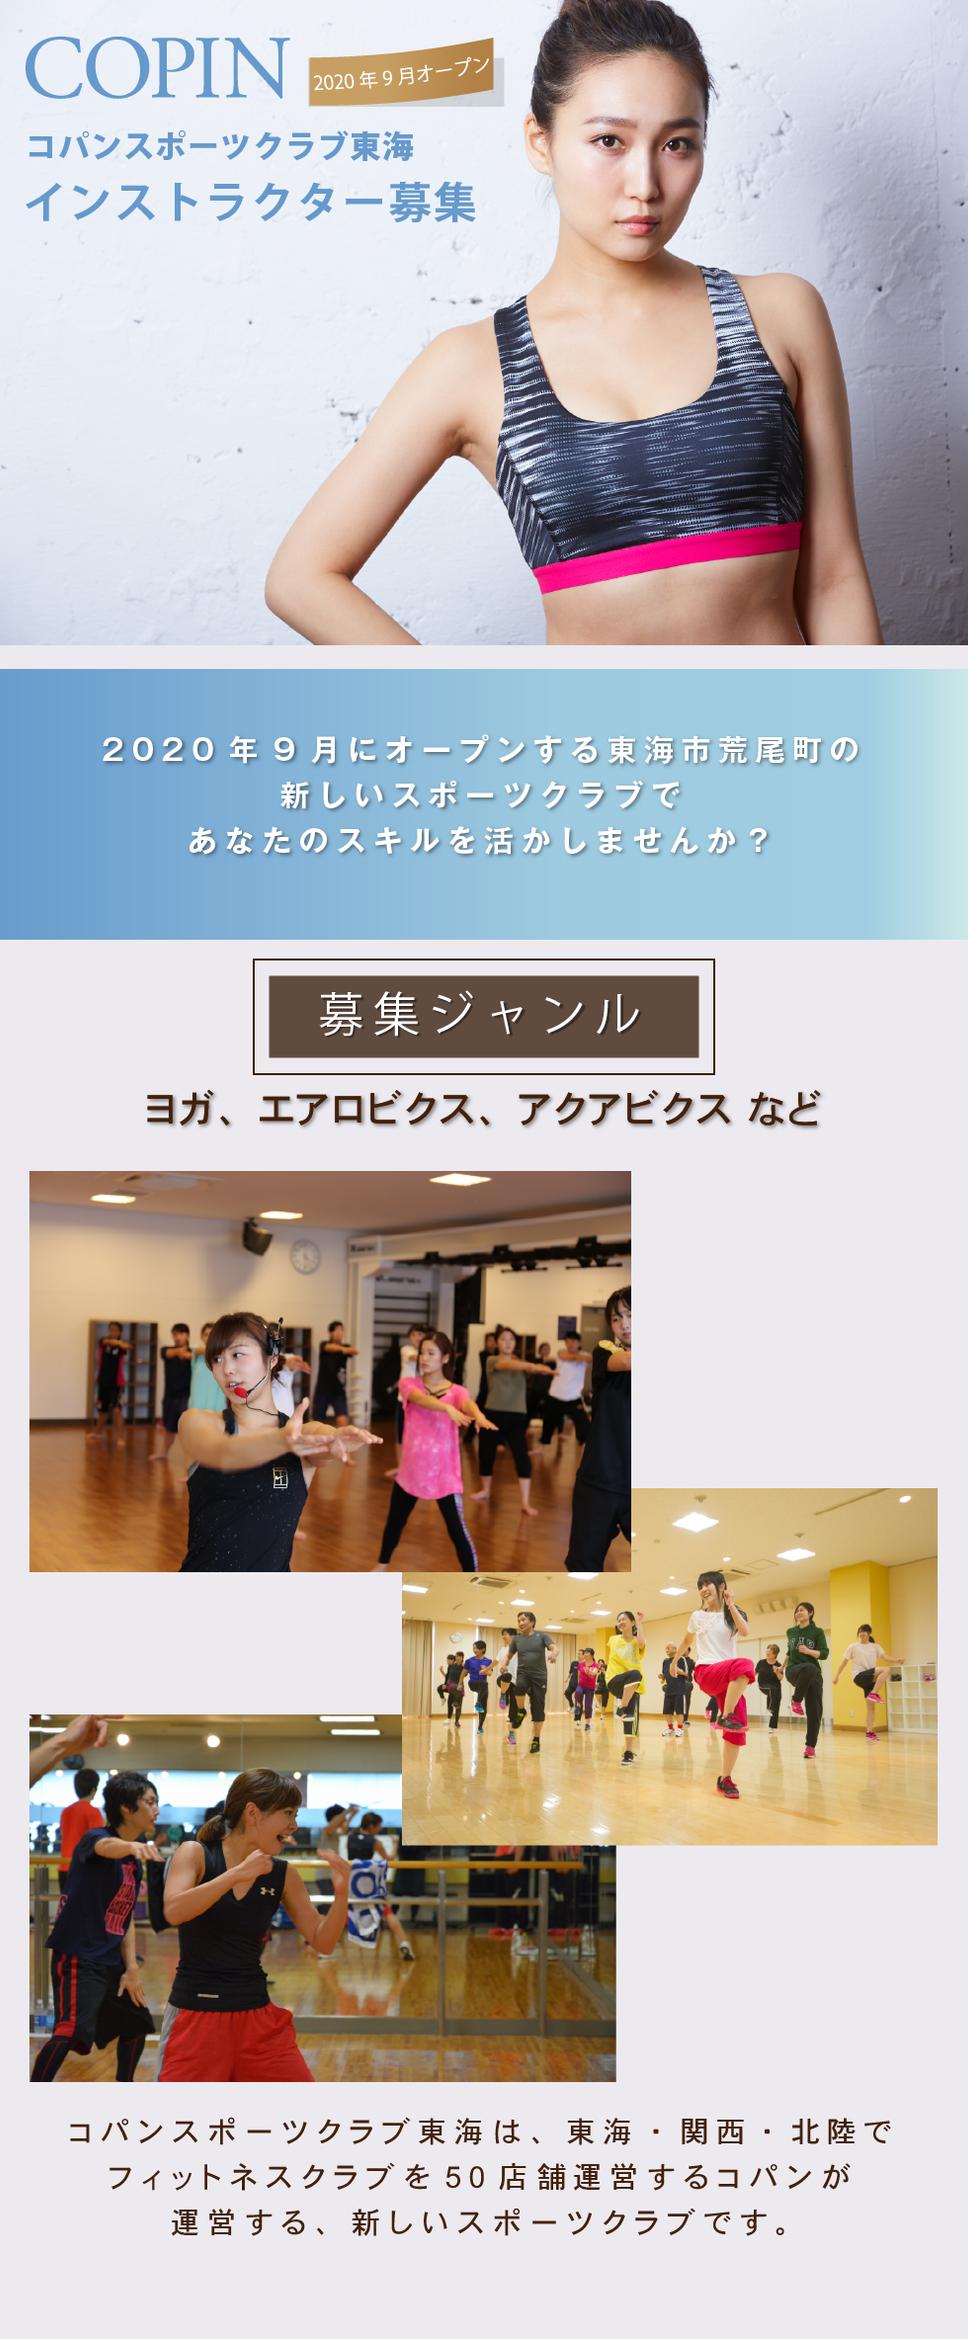 ランディングページ①(東海インストラクター).png